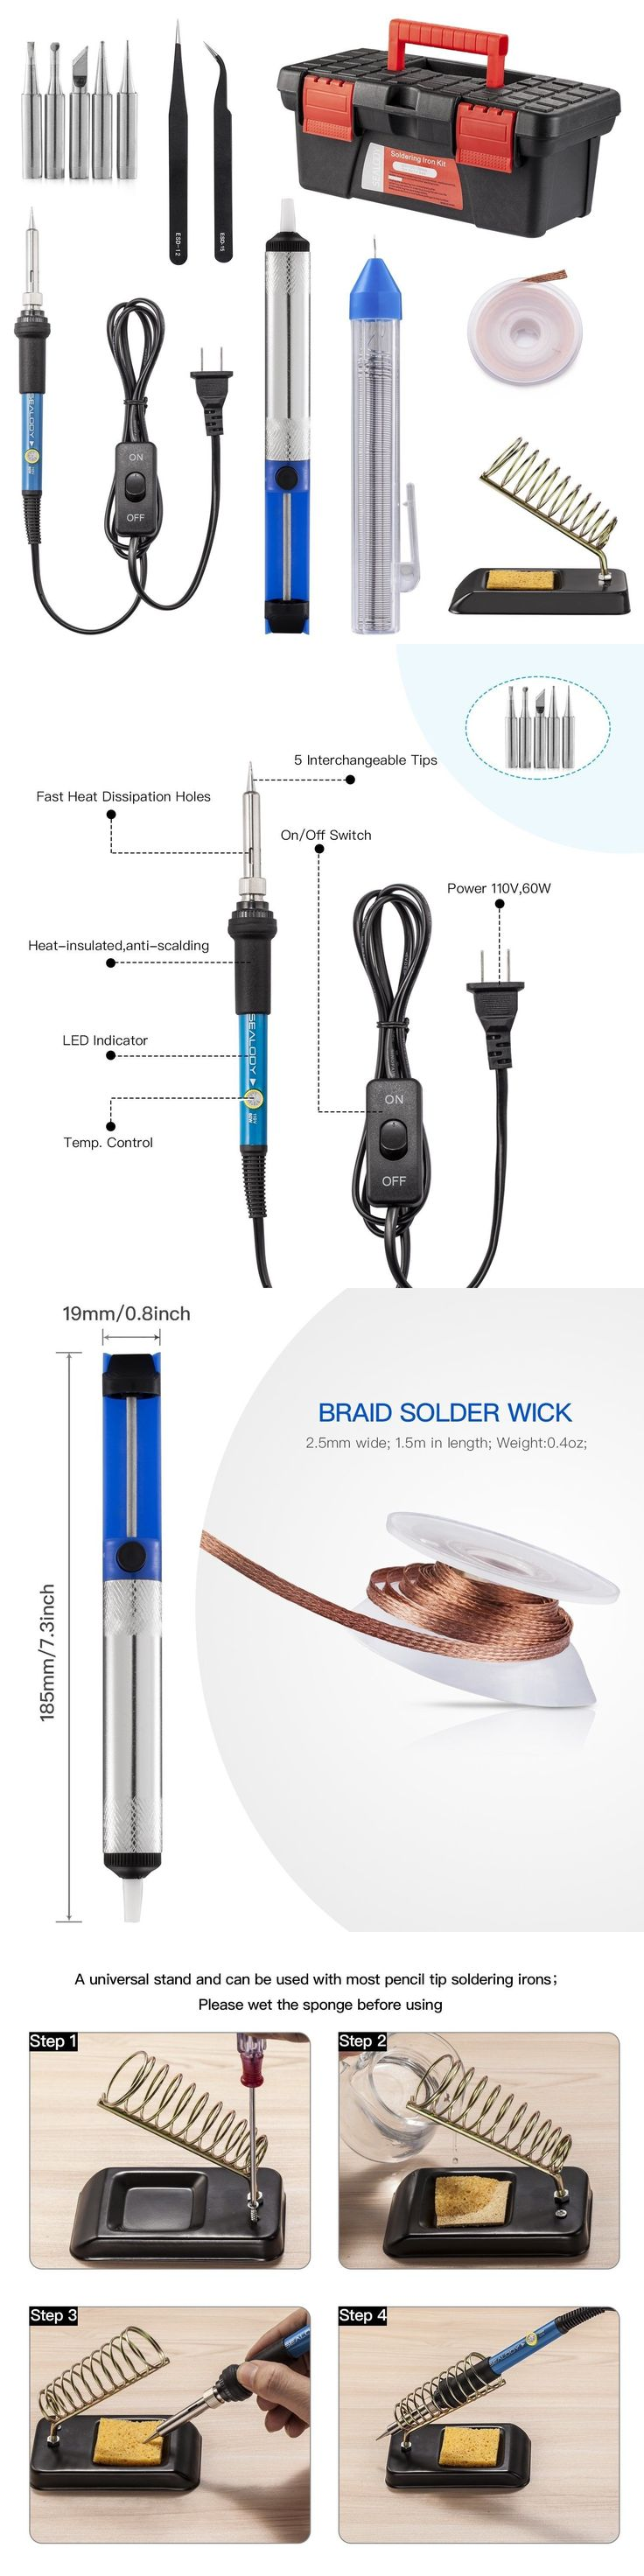 Welding and Soldering Tools 46413: Soldering Iron Kit Electric Welding Gun Solder Weller Tool Sucker Wick W Stand -> BUY IT NOW ONLY: $35.66 on eBay!